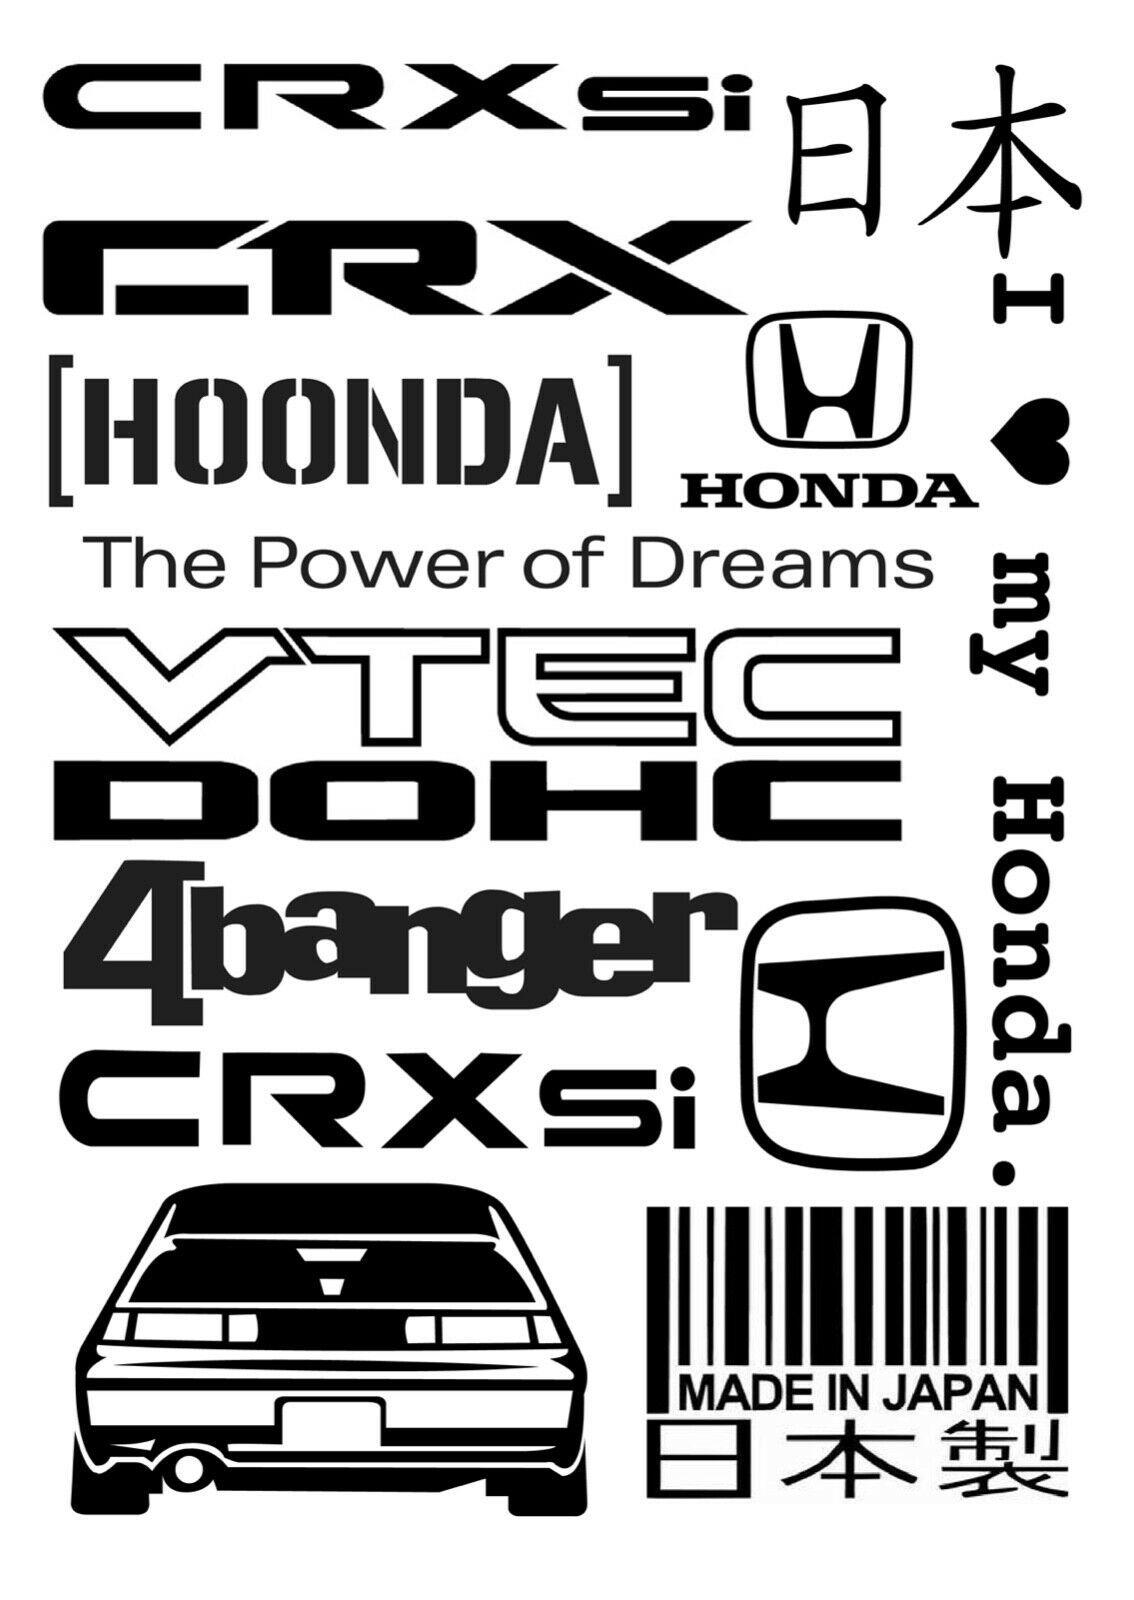 Honda Crx Civic Vinyl Decals Set Honda Crx Custom Car Decals Honda [ 1600 x 1134 Pixel ]